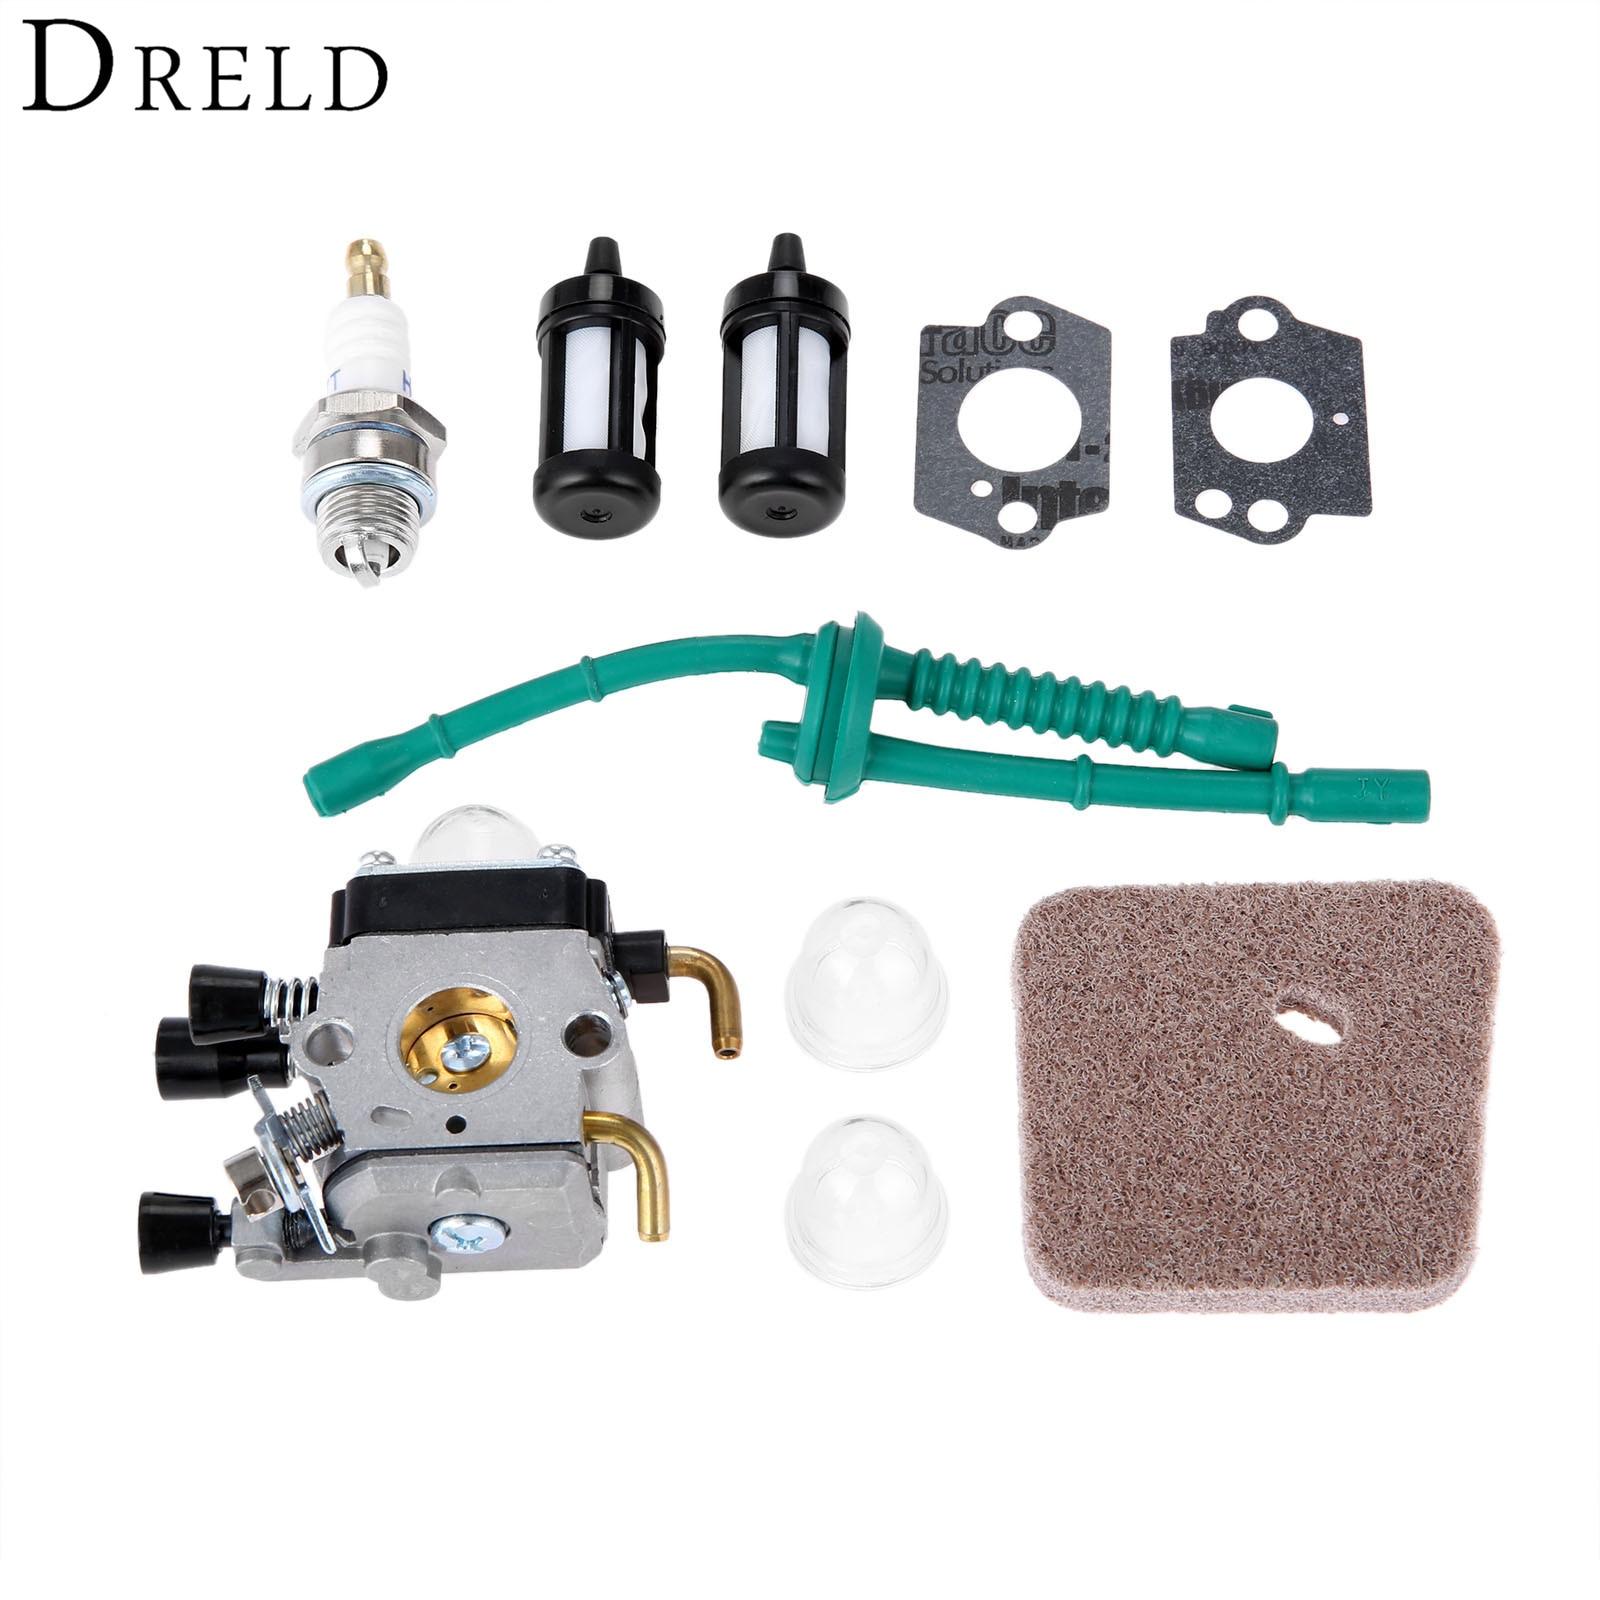 DRELD Carburateur Air Filtre À Carburant Spark Plug Carb Kit Pour STIHL FS38 FS45 FS46 FS55 FS55R FS55RC KM55 FS45C FS55T Soutiers Cutter